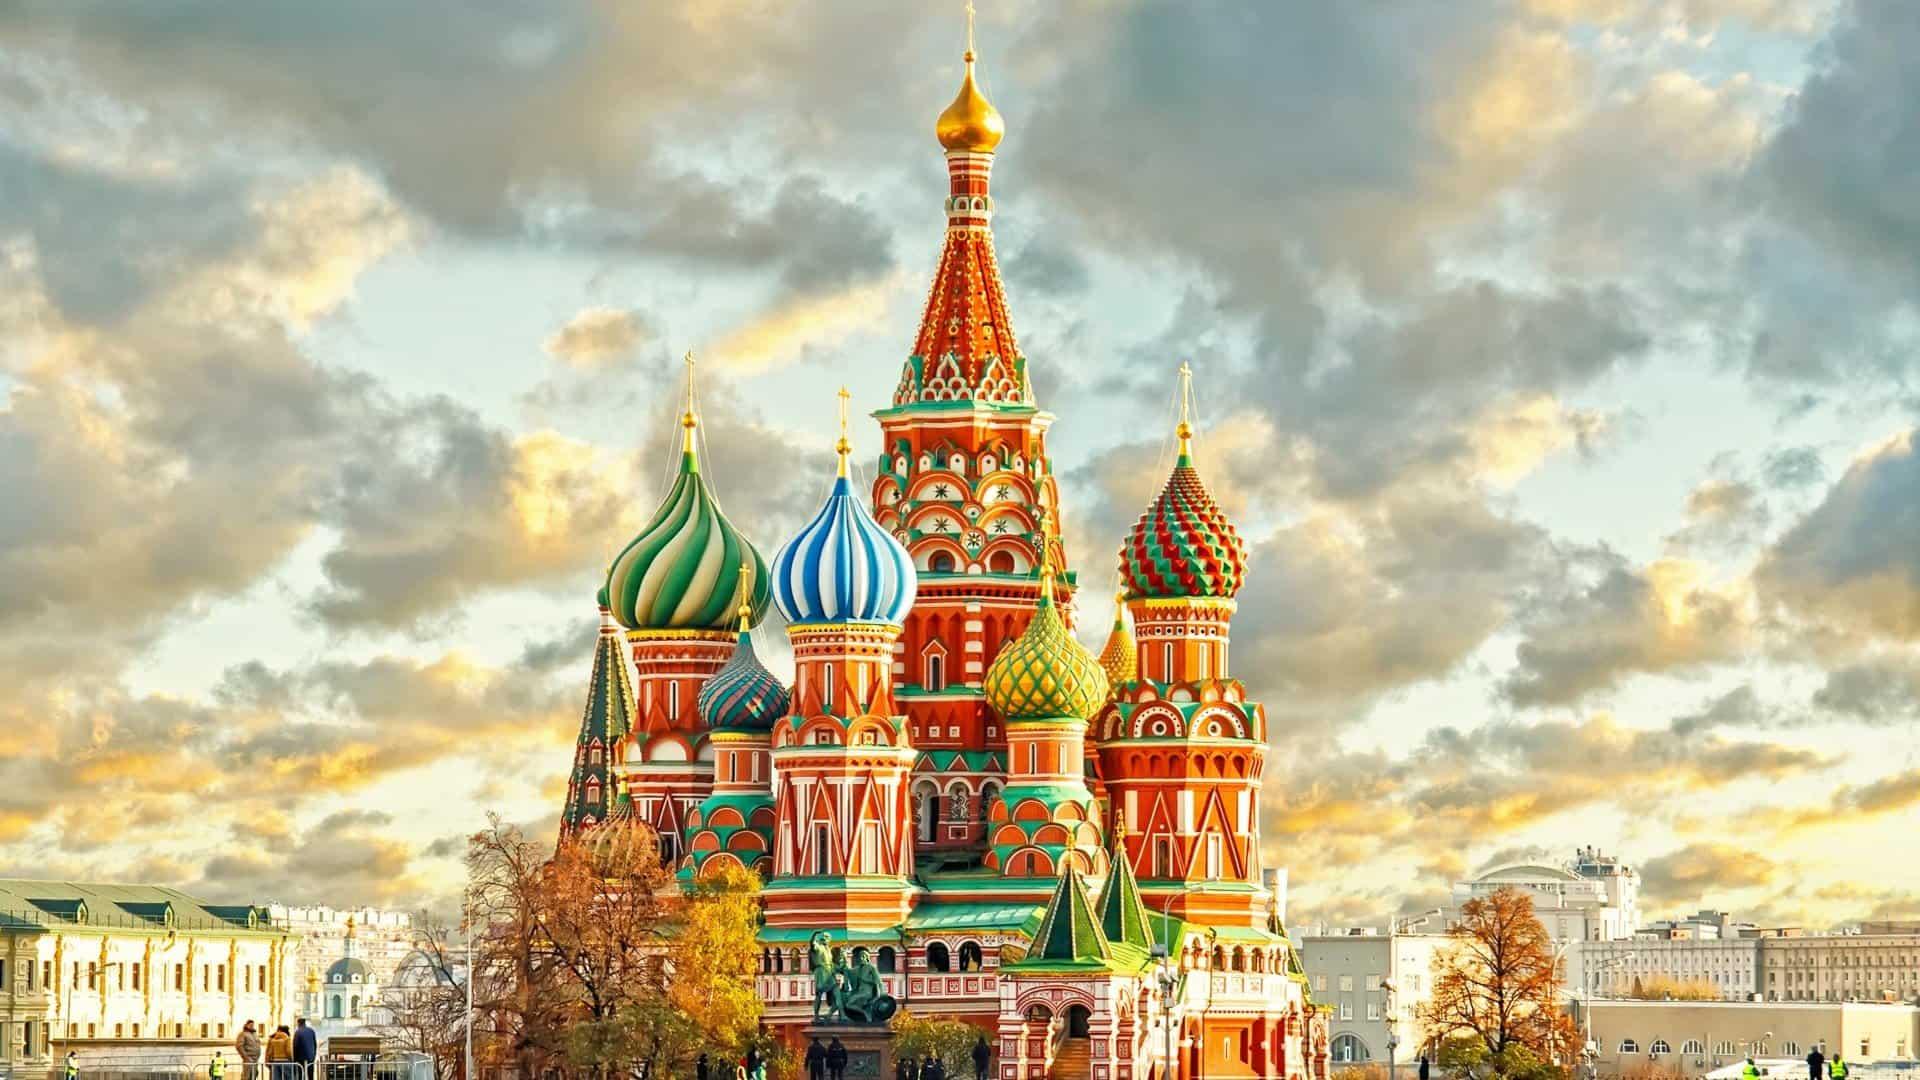 افضل 5 أنشطة في كاتدرائية القديس باسيل موسكو